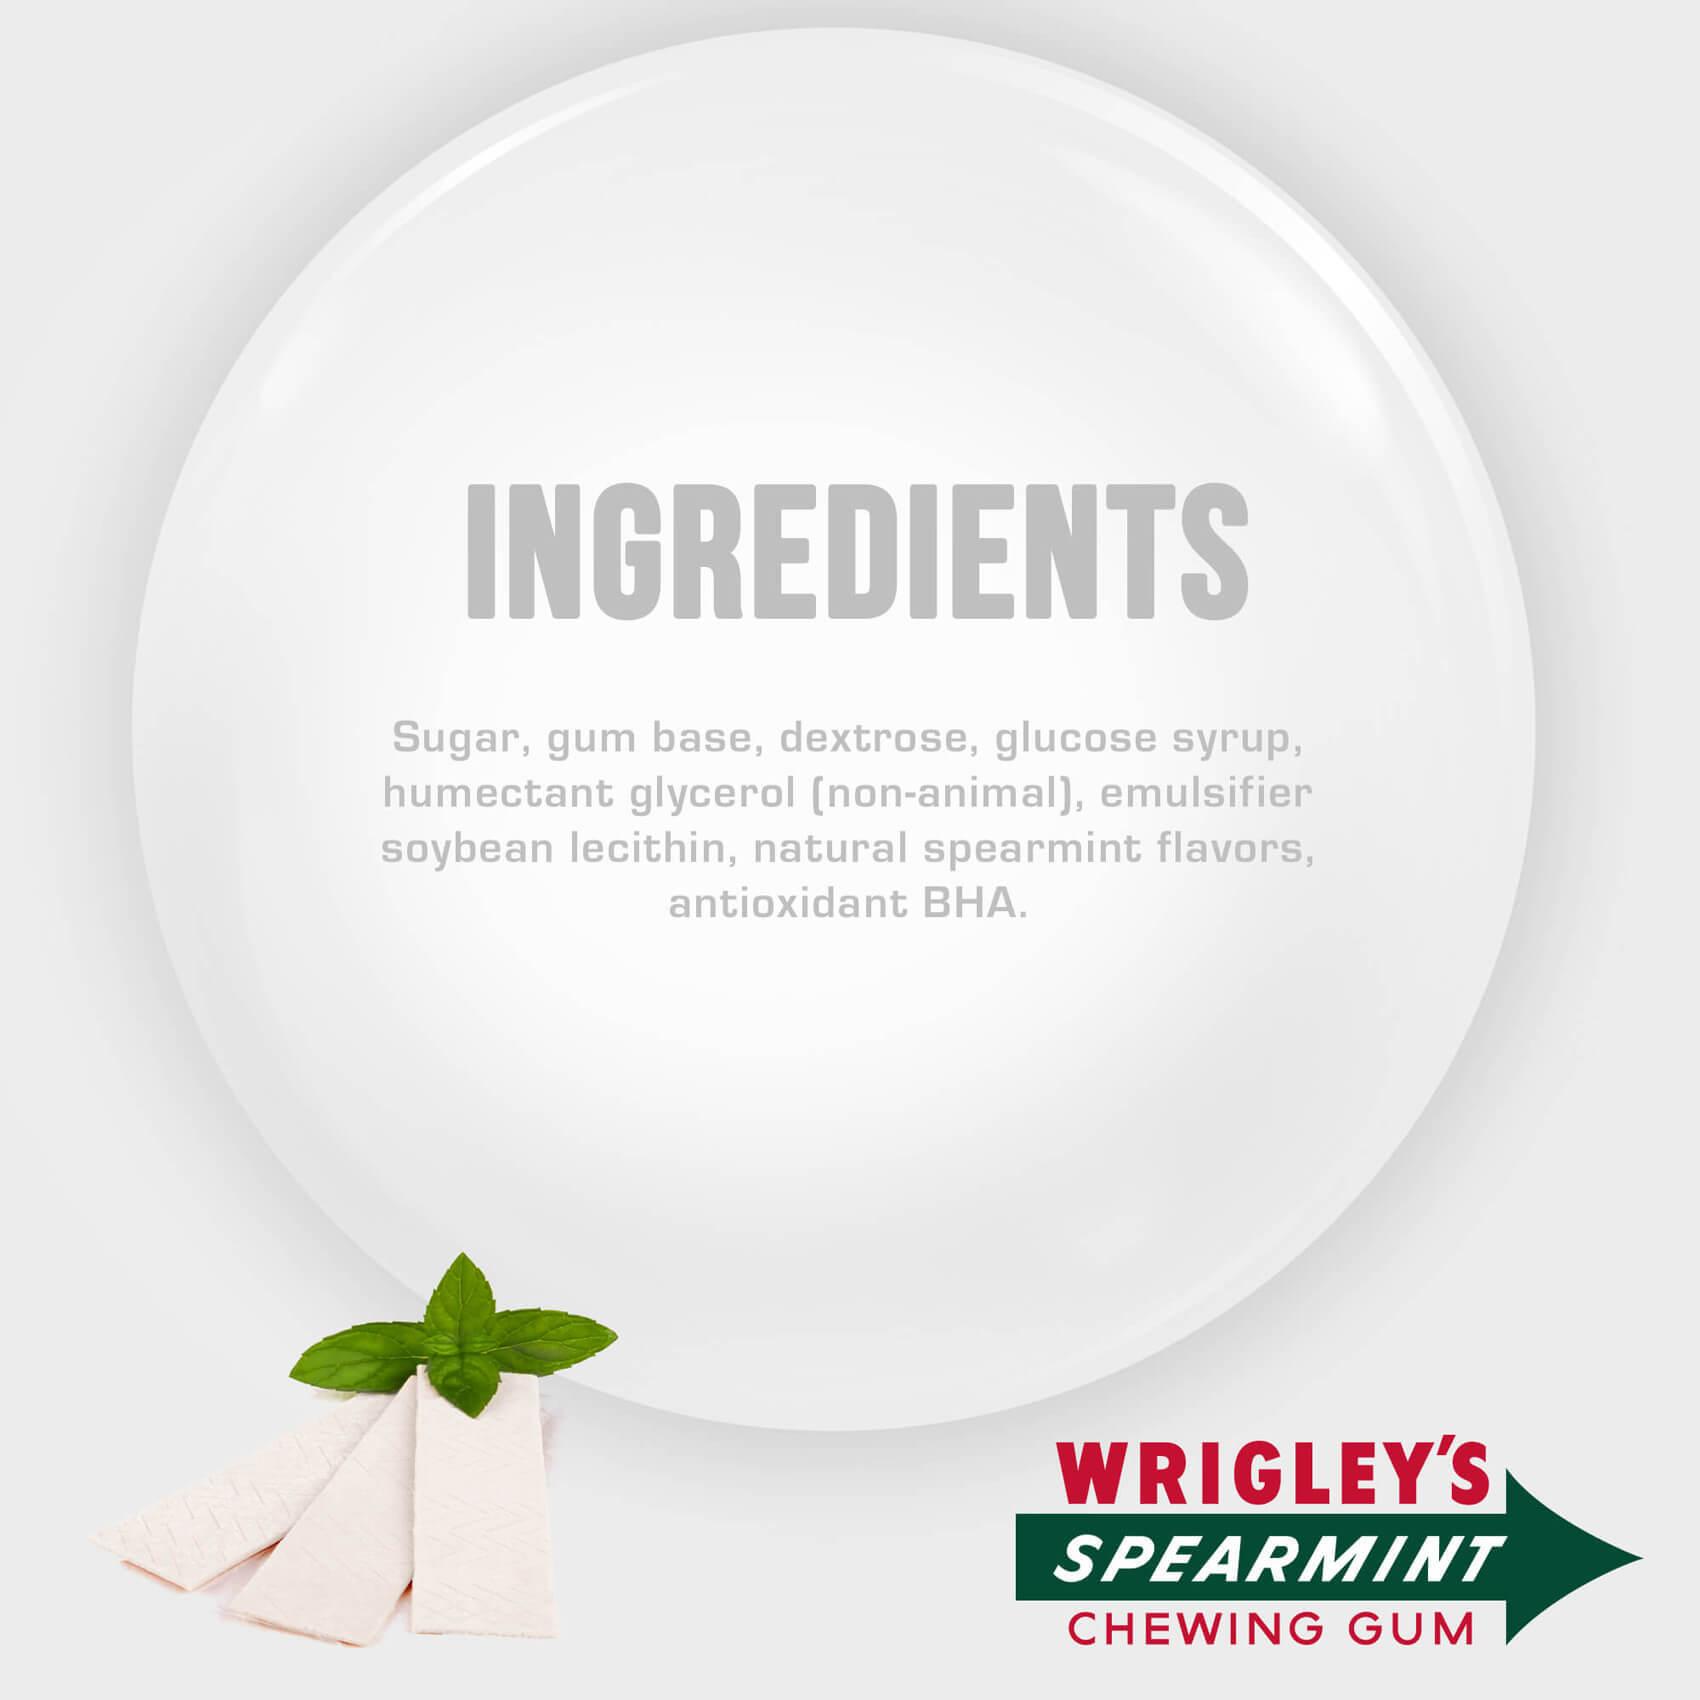 WRIGLEY'S SPEARMINT 13GR